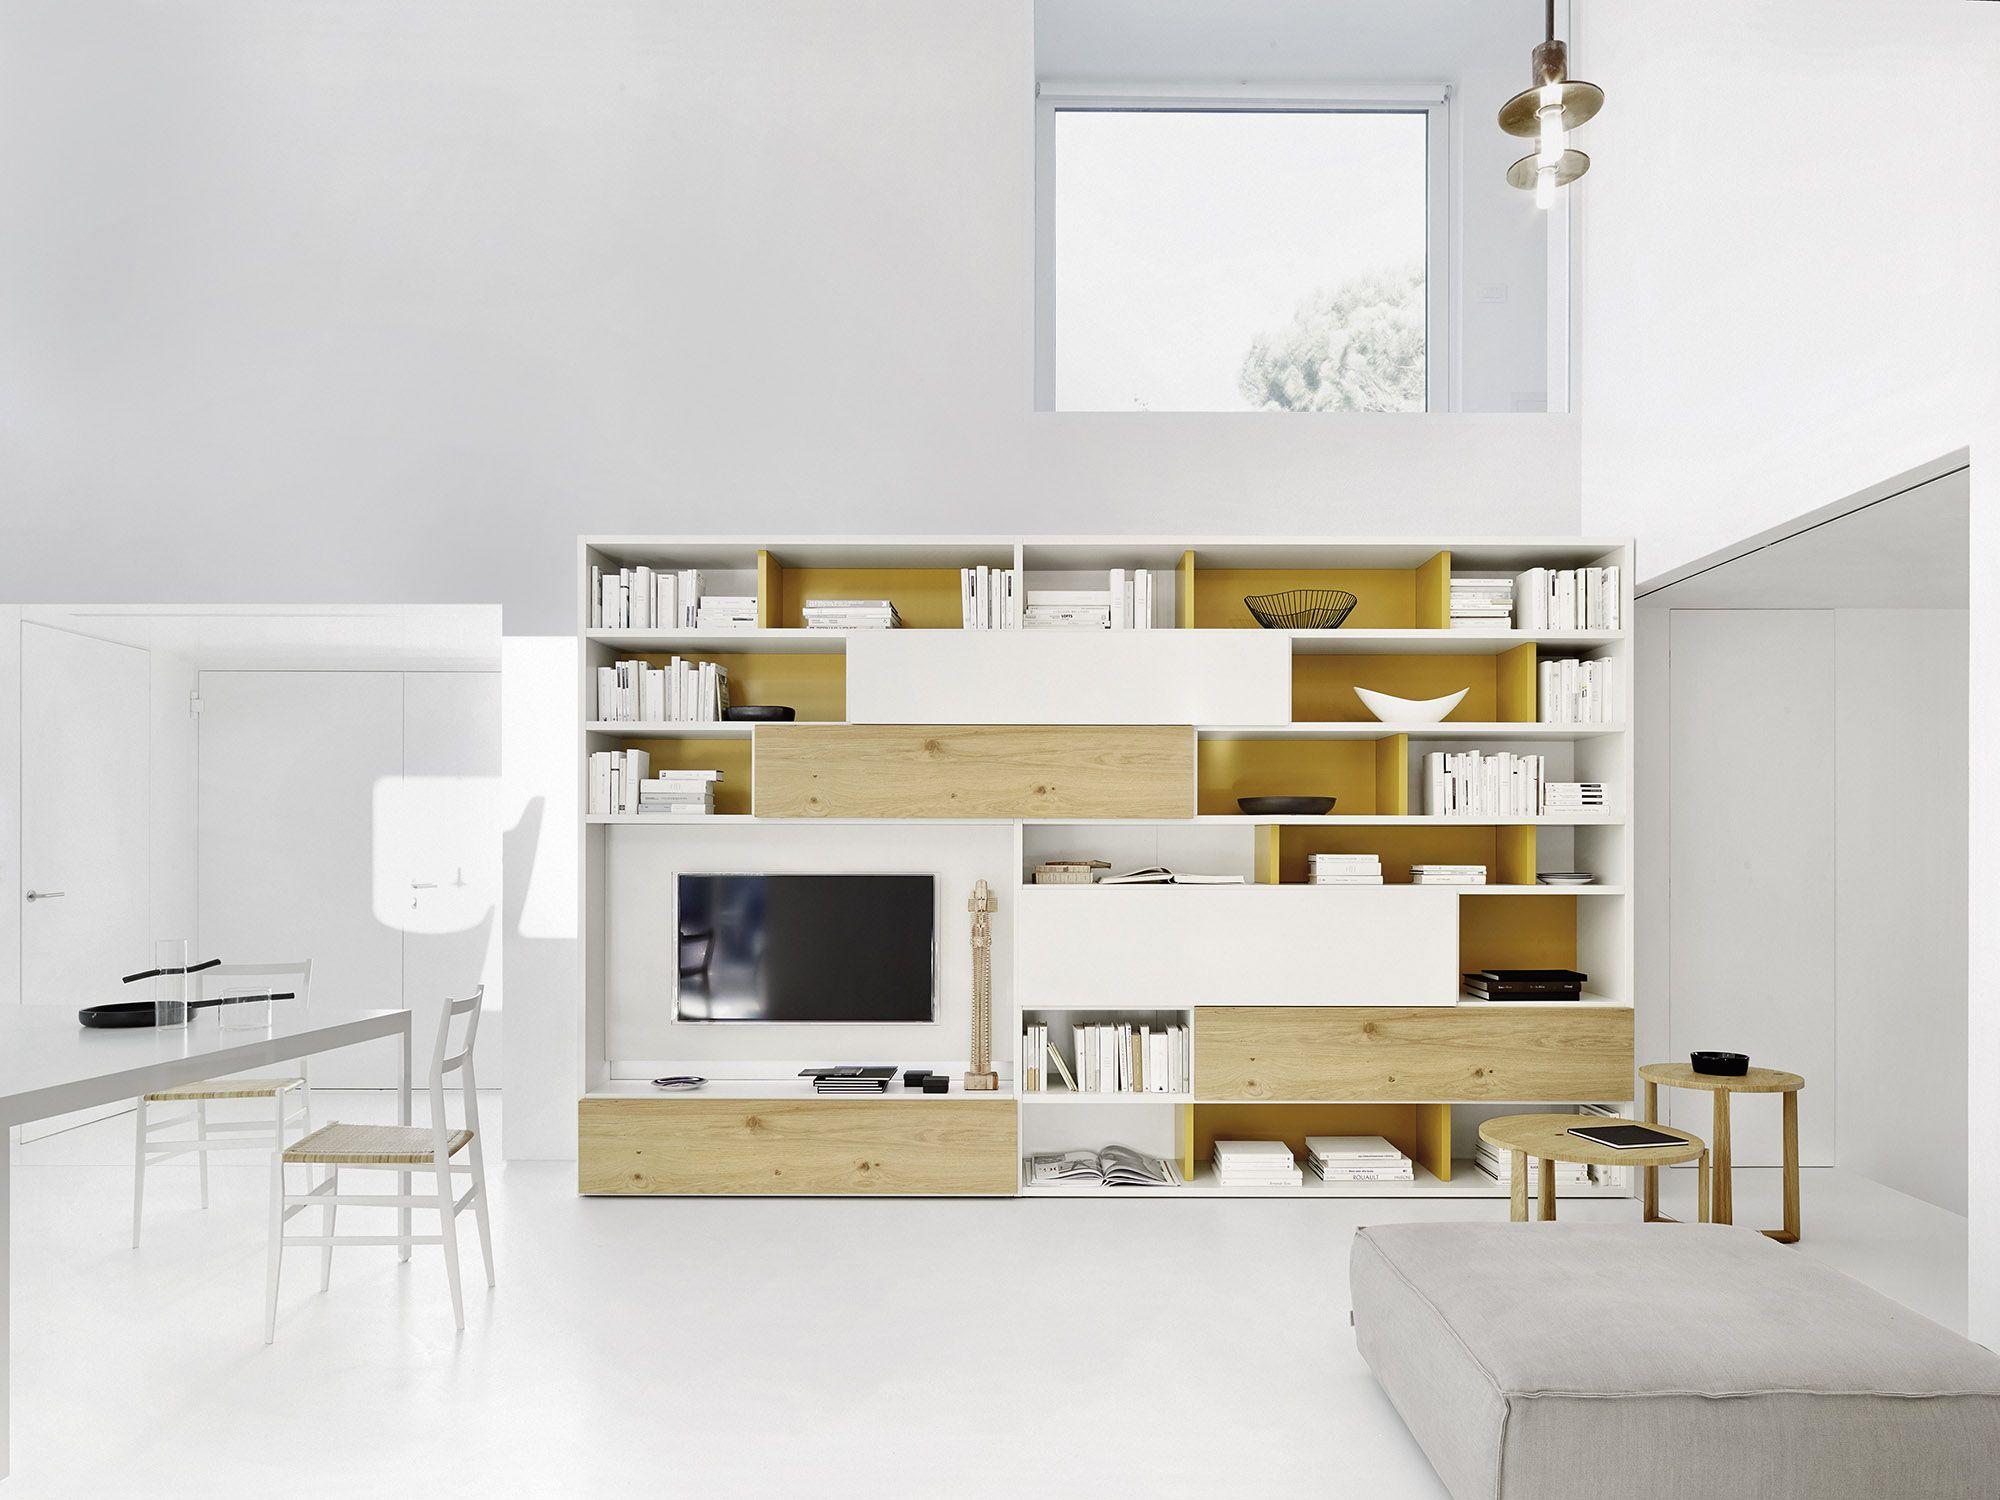 Wohnwand Hersteller moderne wohnwand lackiert und mit hellem eichen furnier dekoriert